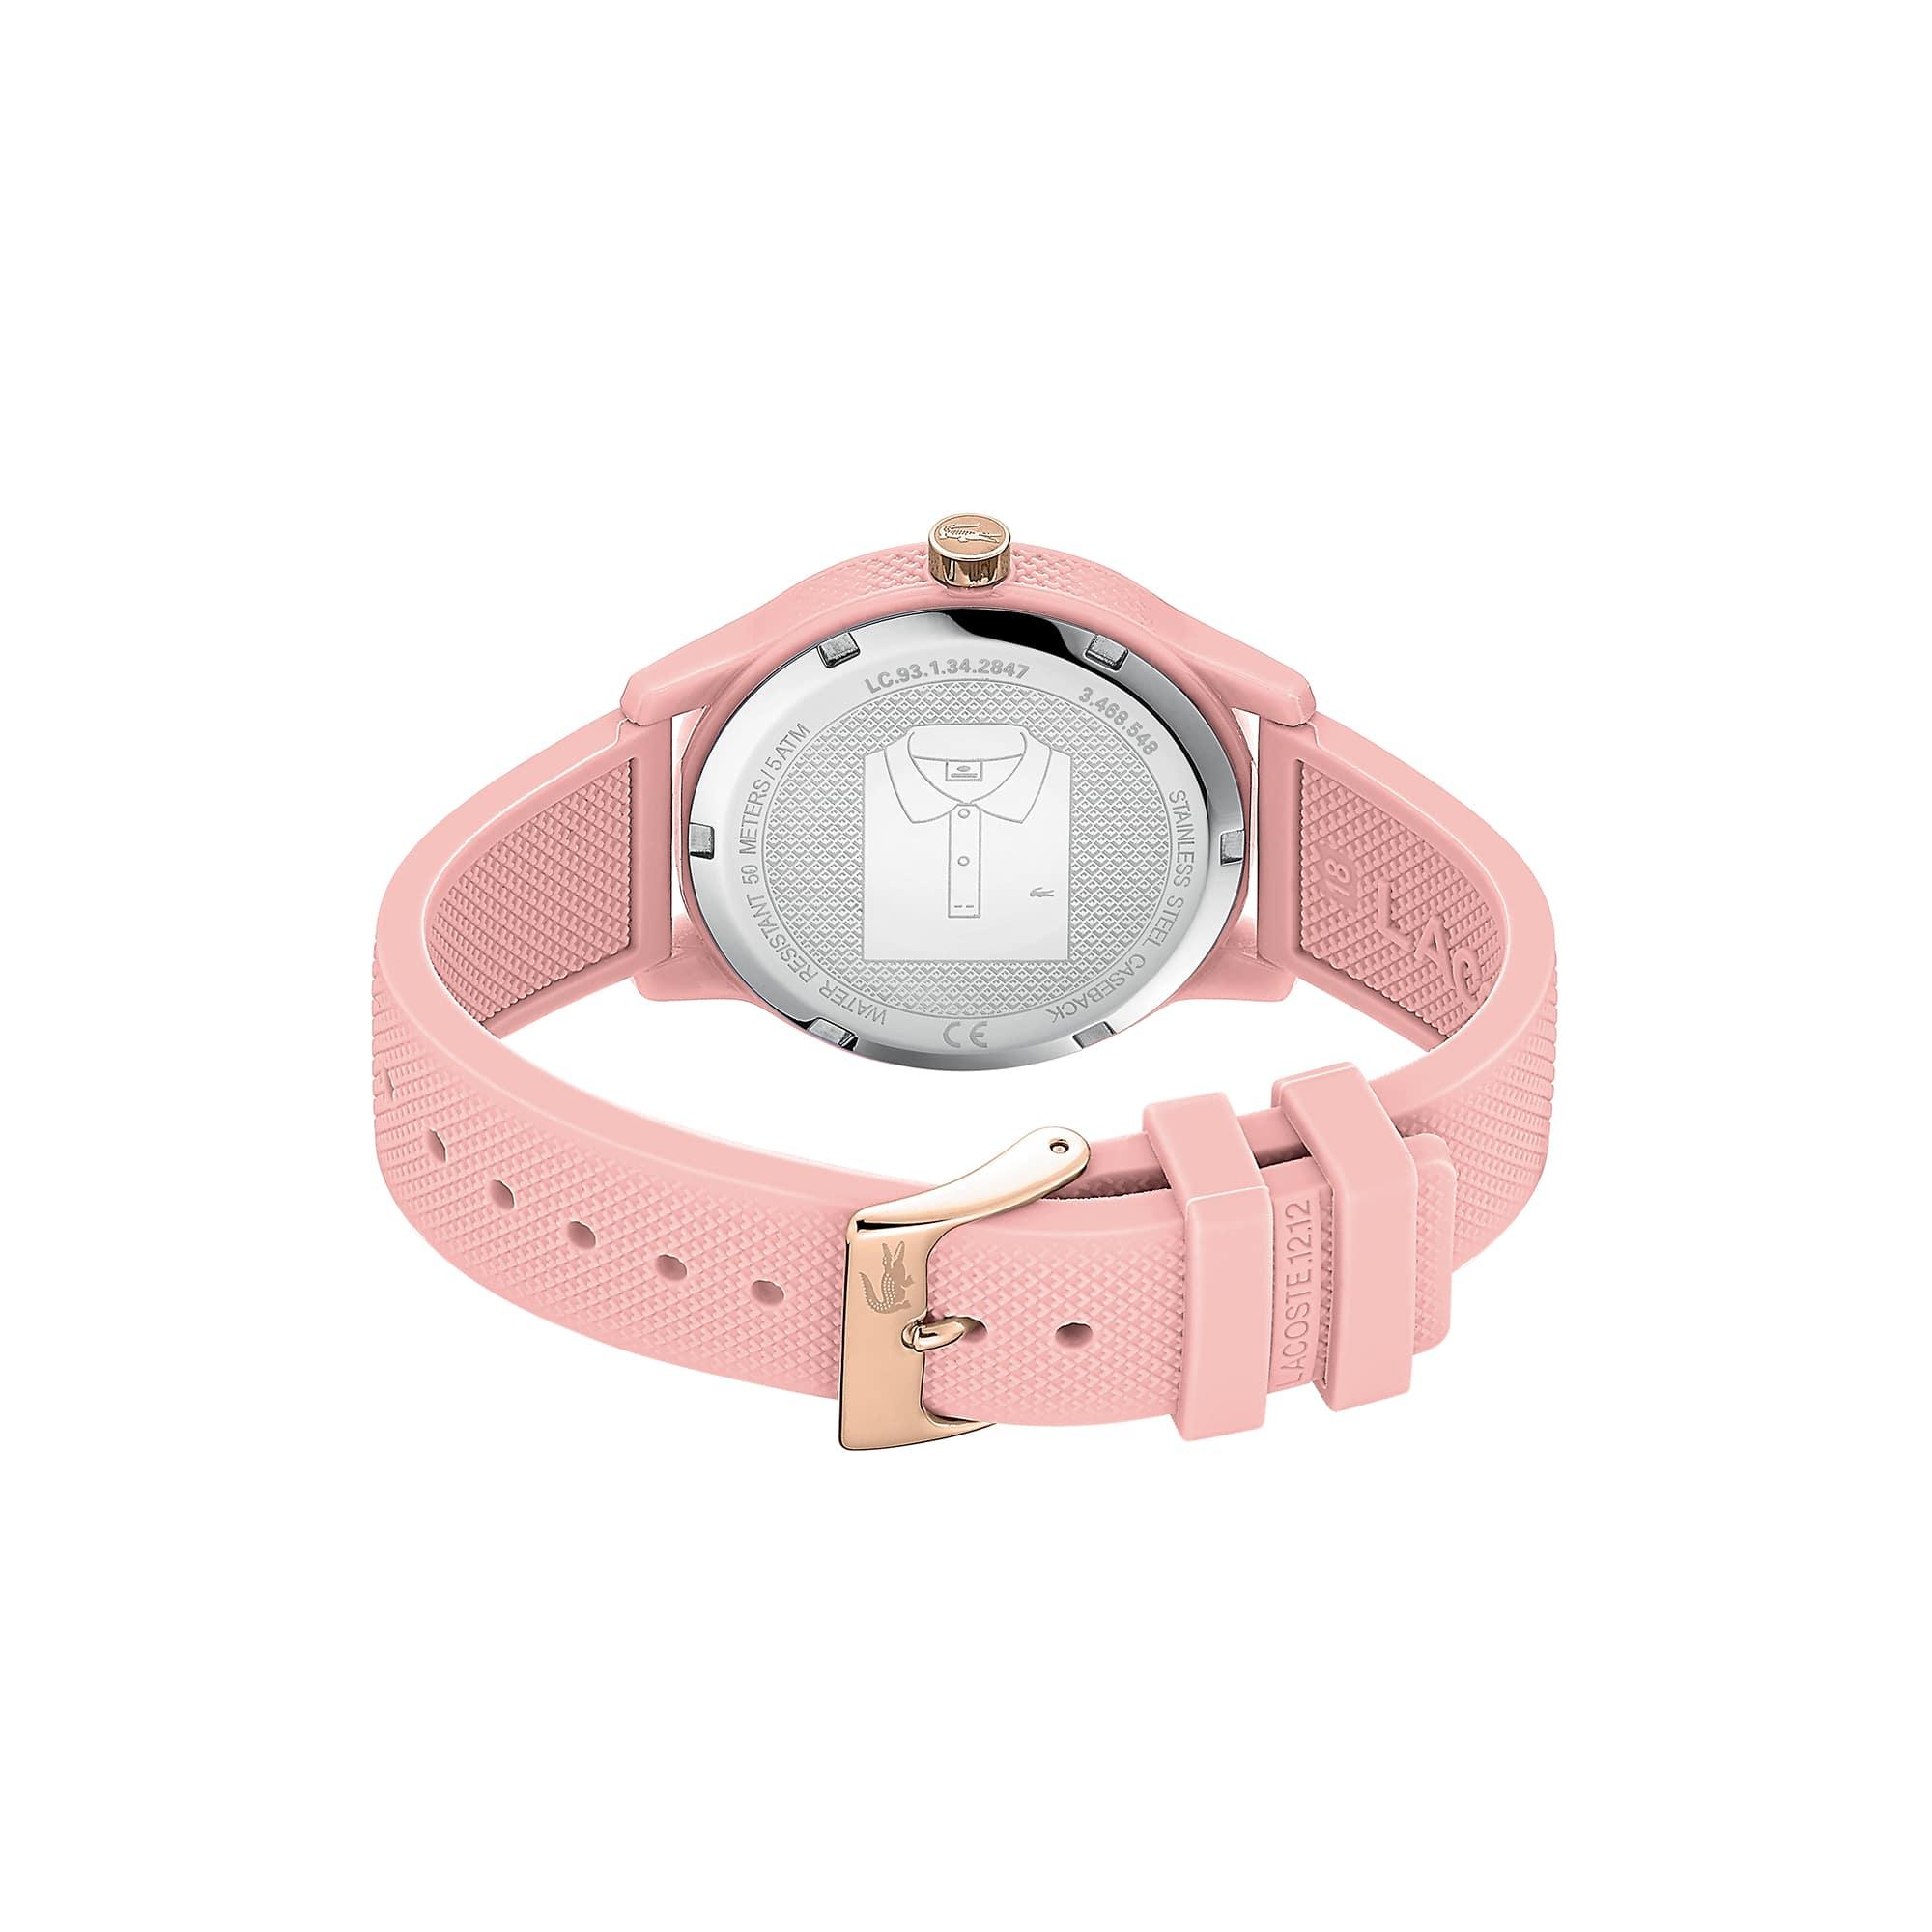 12 Silicone Montre 12 Femme Lacoste Petit Piqué Bracelet Rose Avec 3L4j5RqA